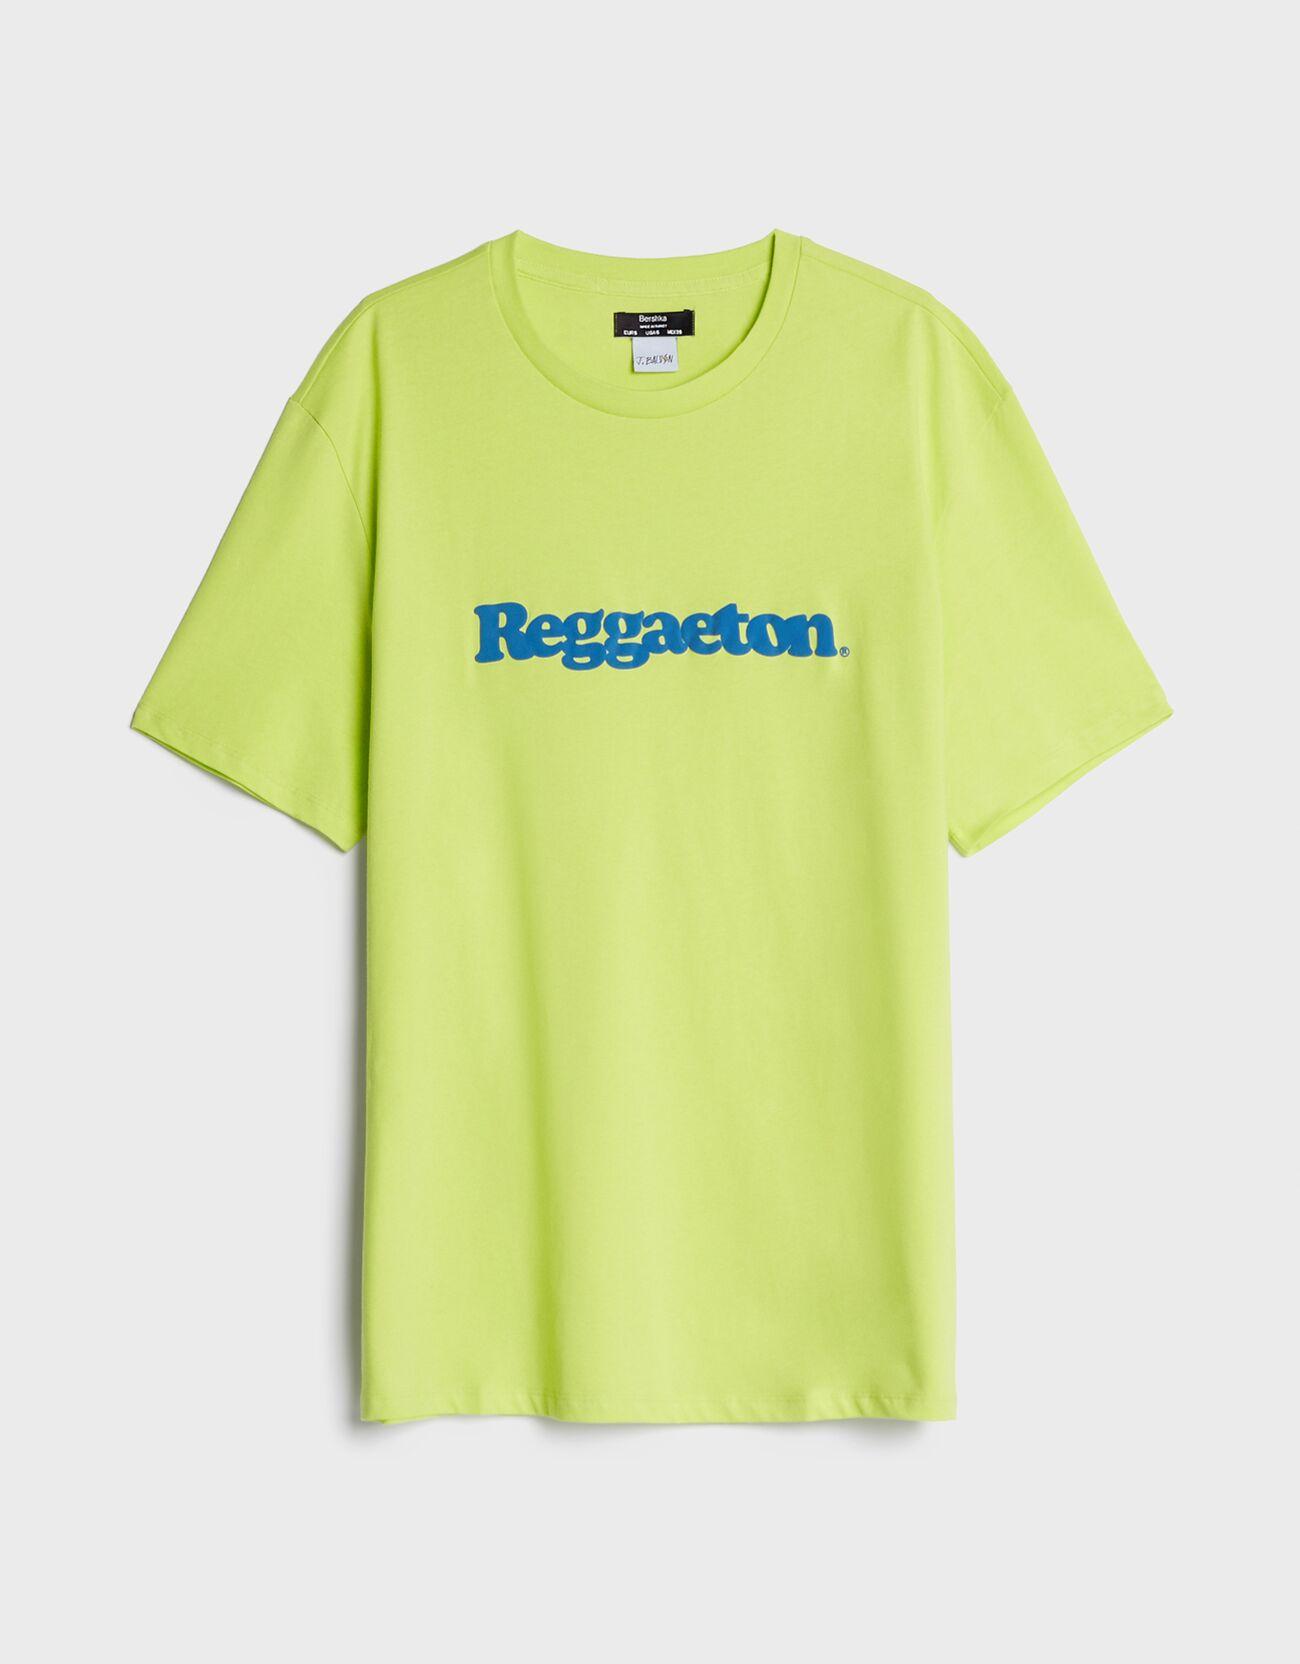 Camiseta unisex y oversize.